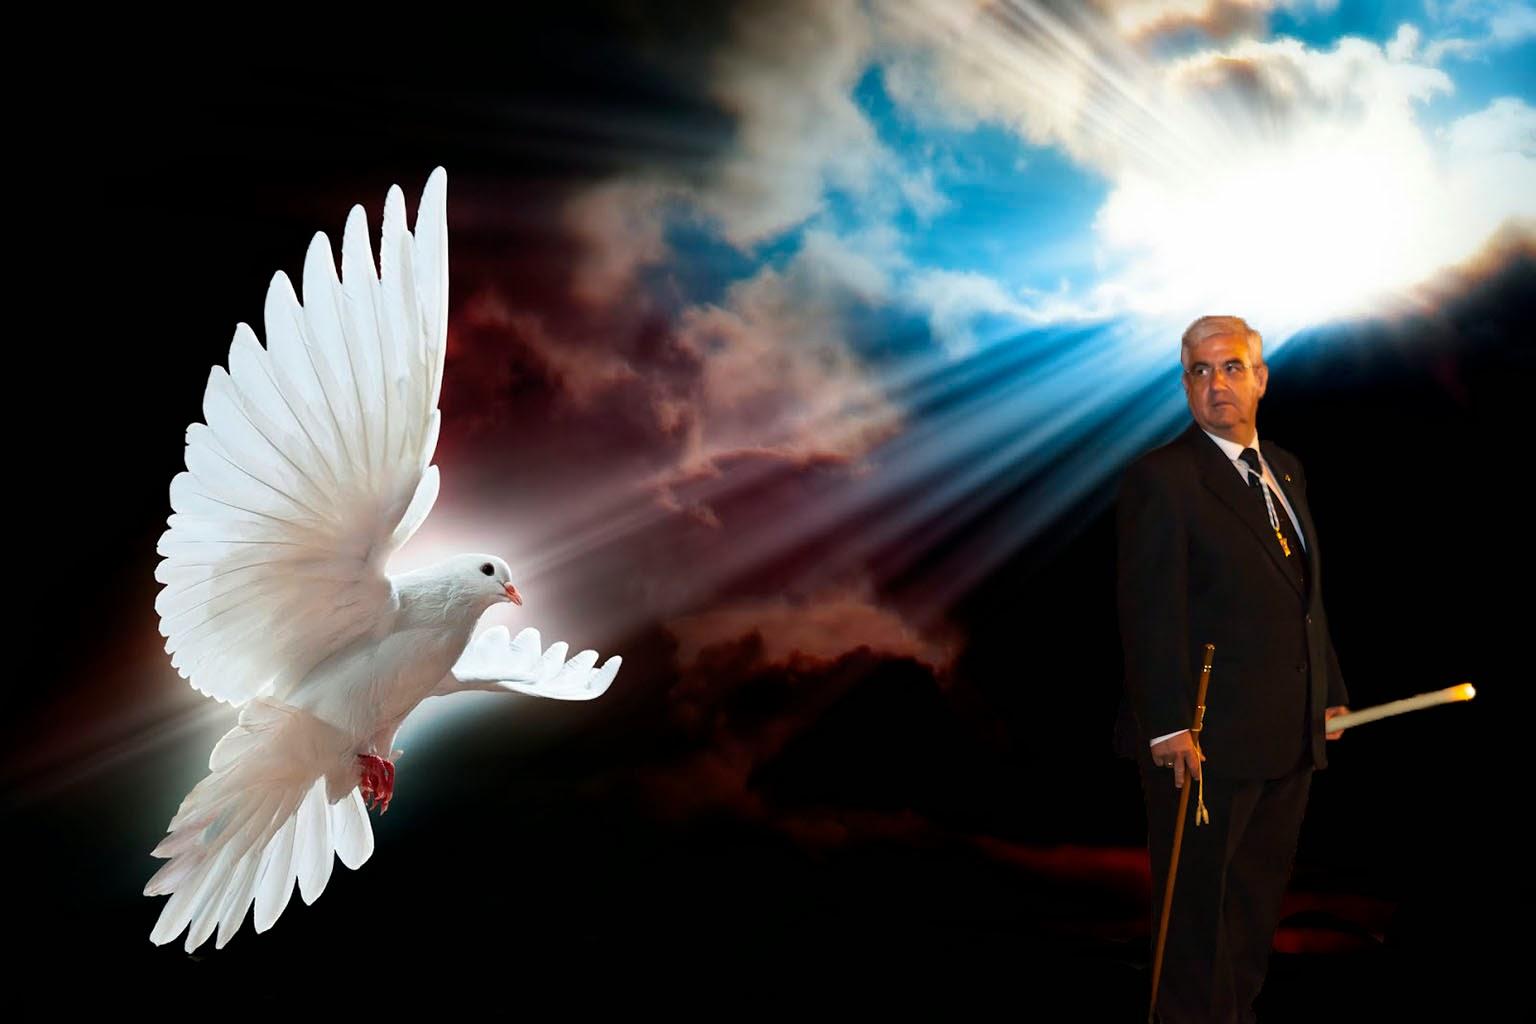 Aparición del Espíritu Santo